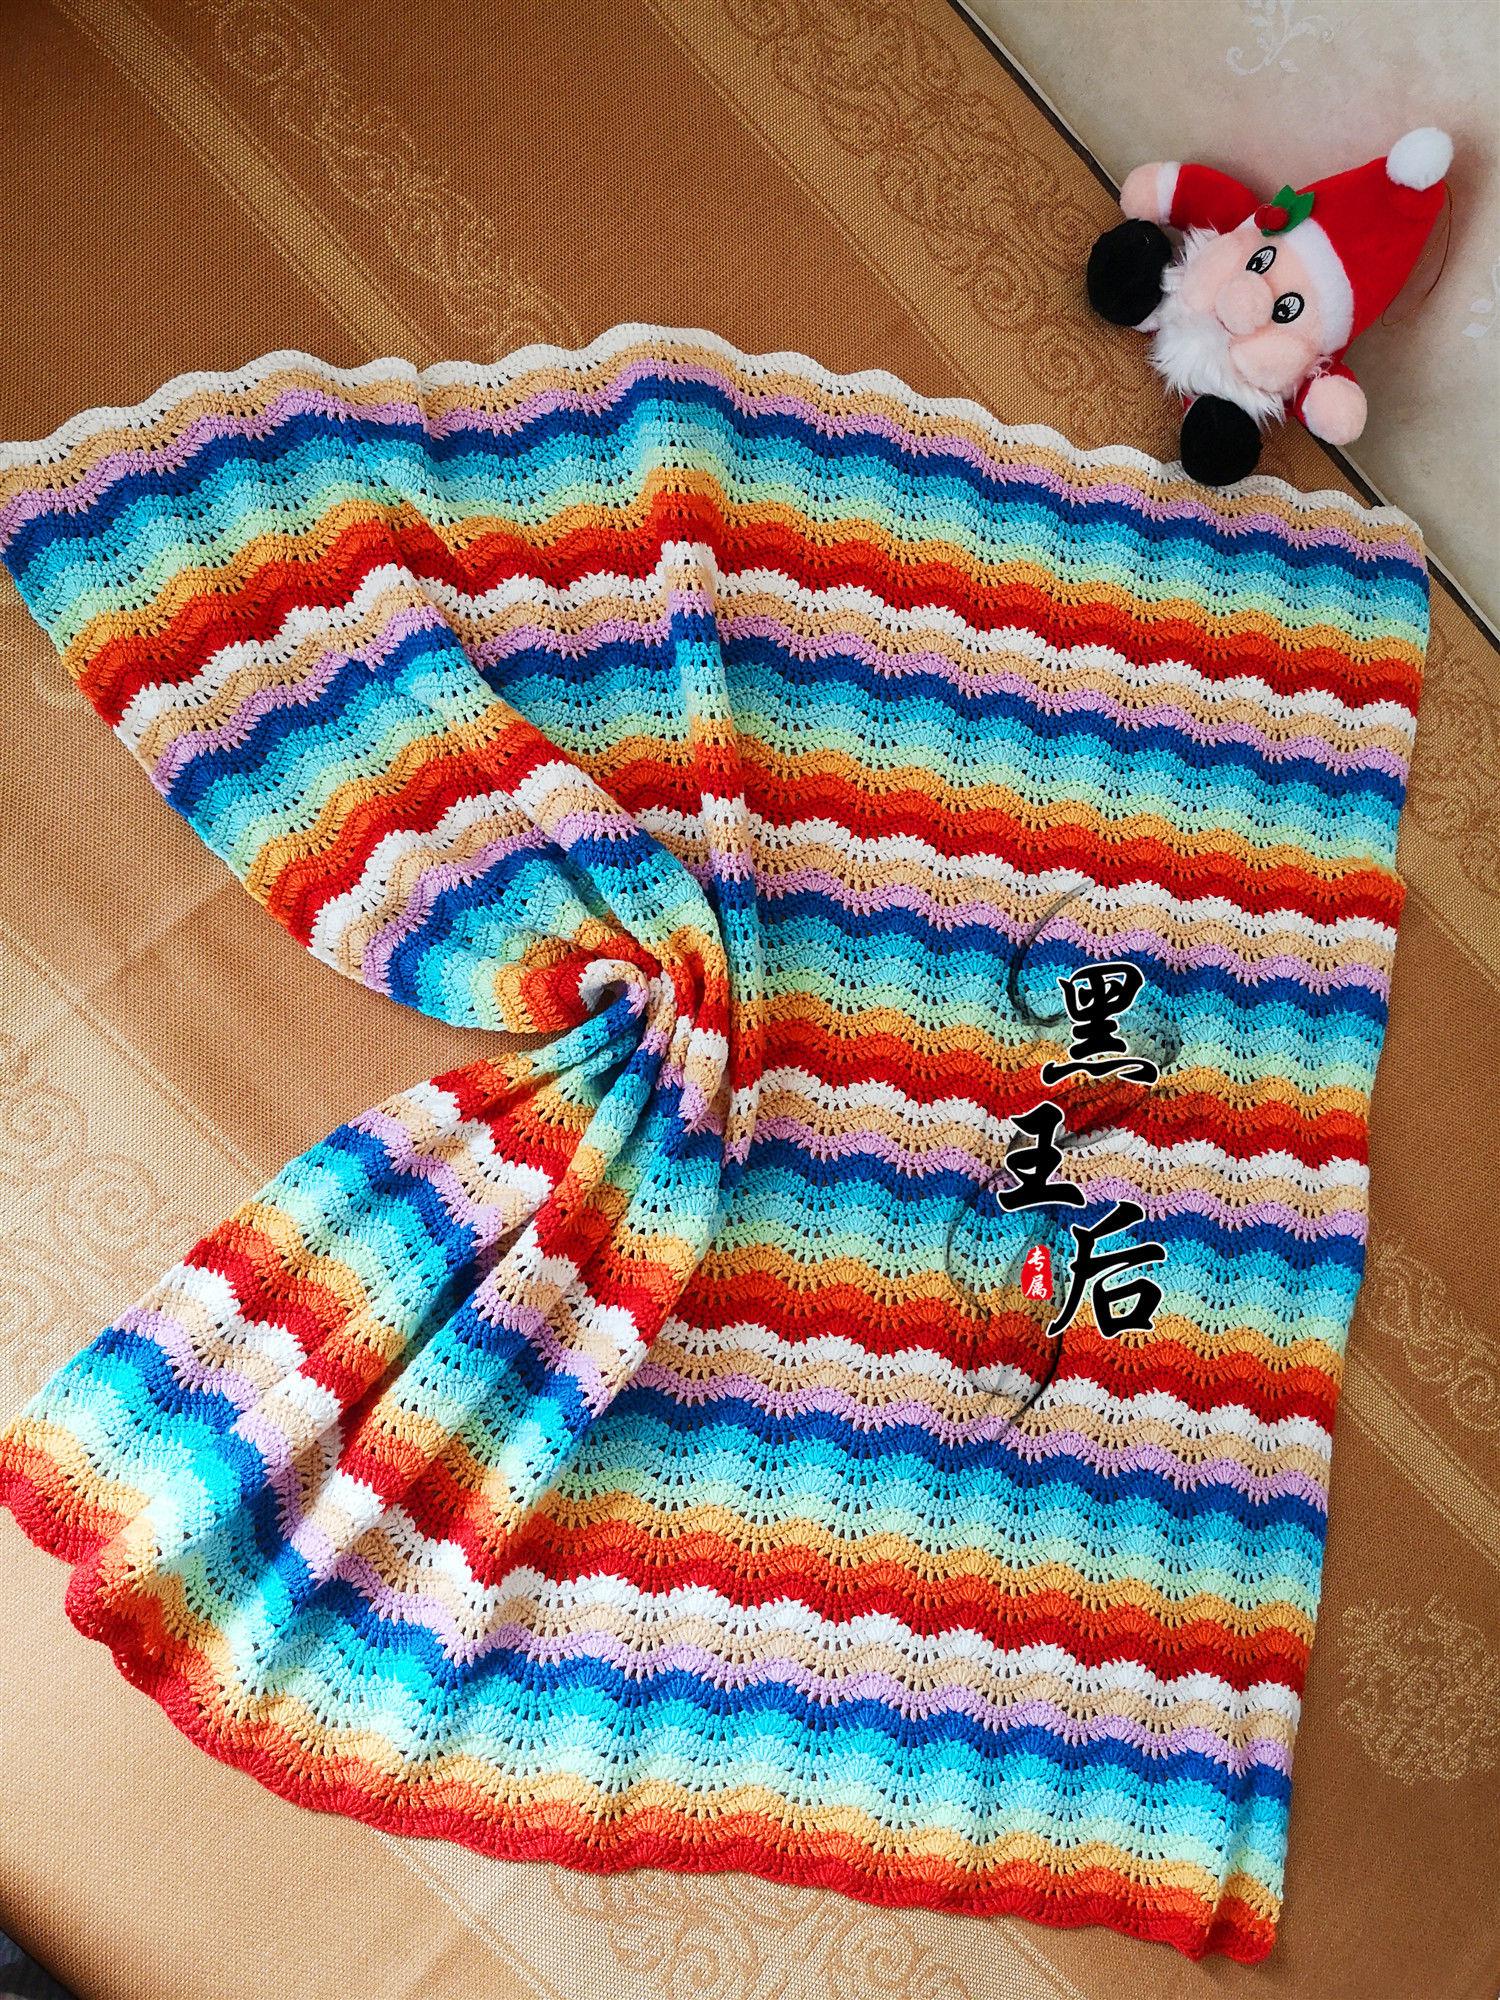 彩虹色钩针波浪毯